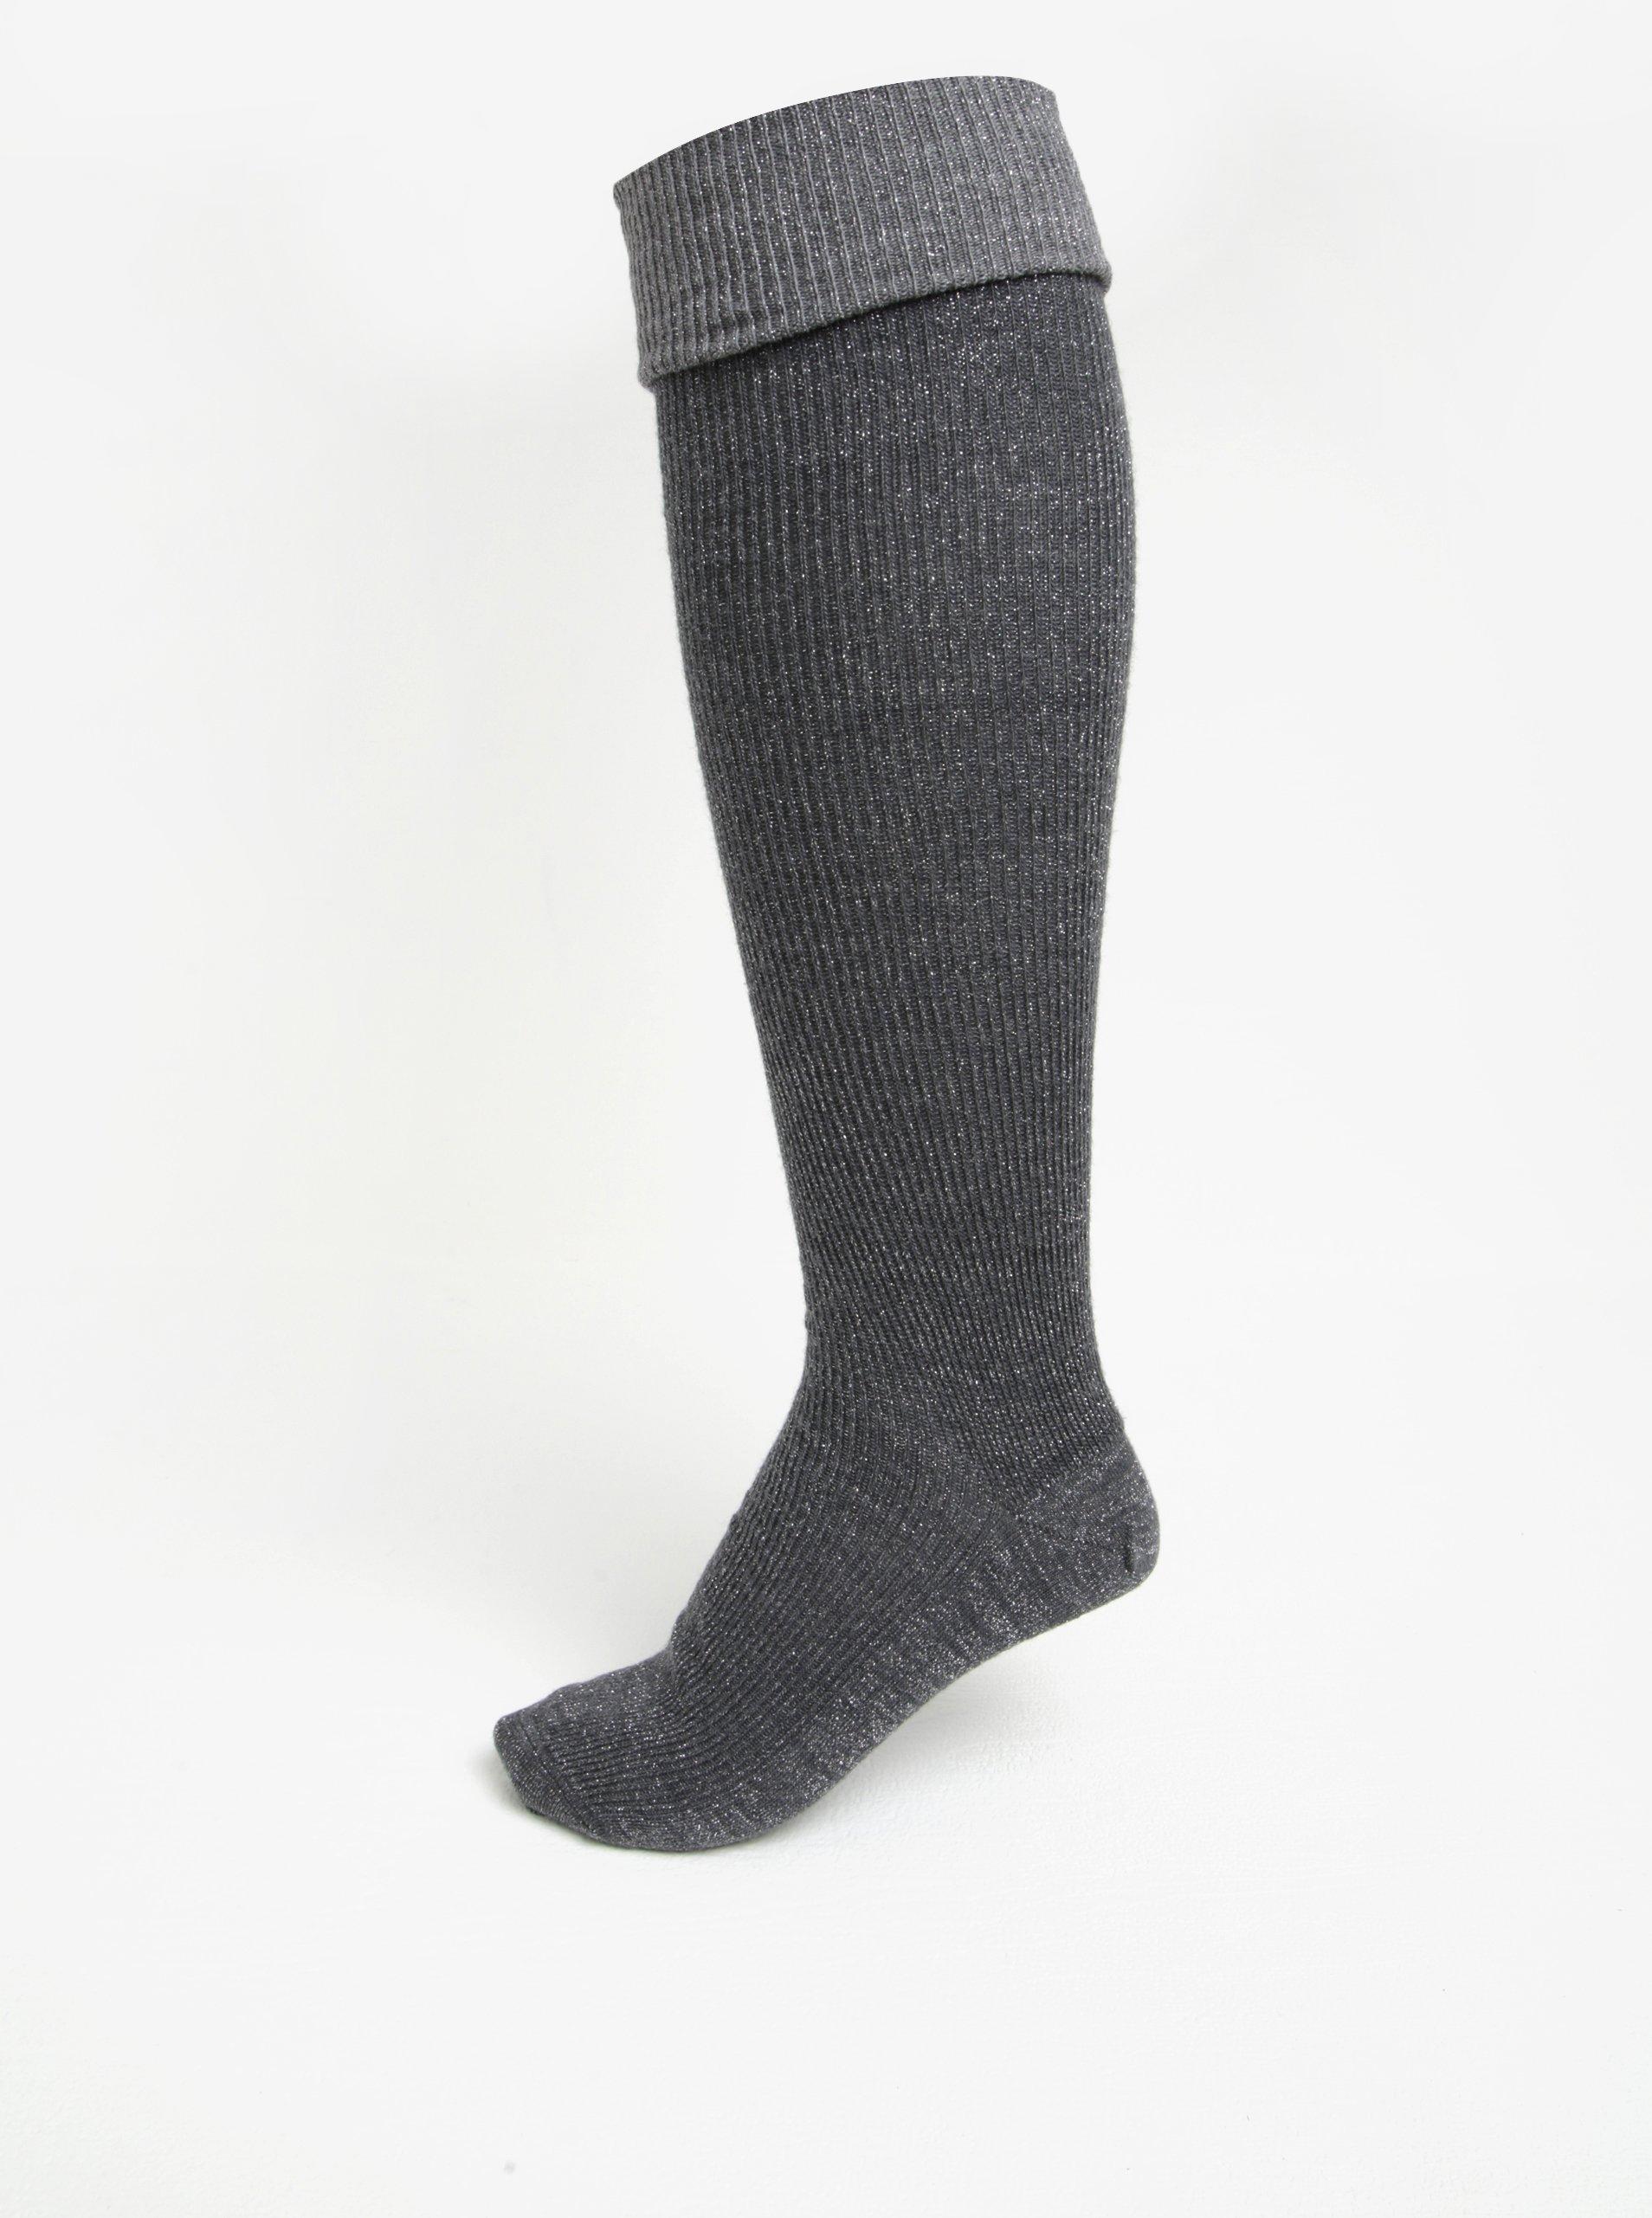 Tmavě šedé dámské vlněné podkolenky/nadkolenky mp Denmark Heidi